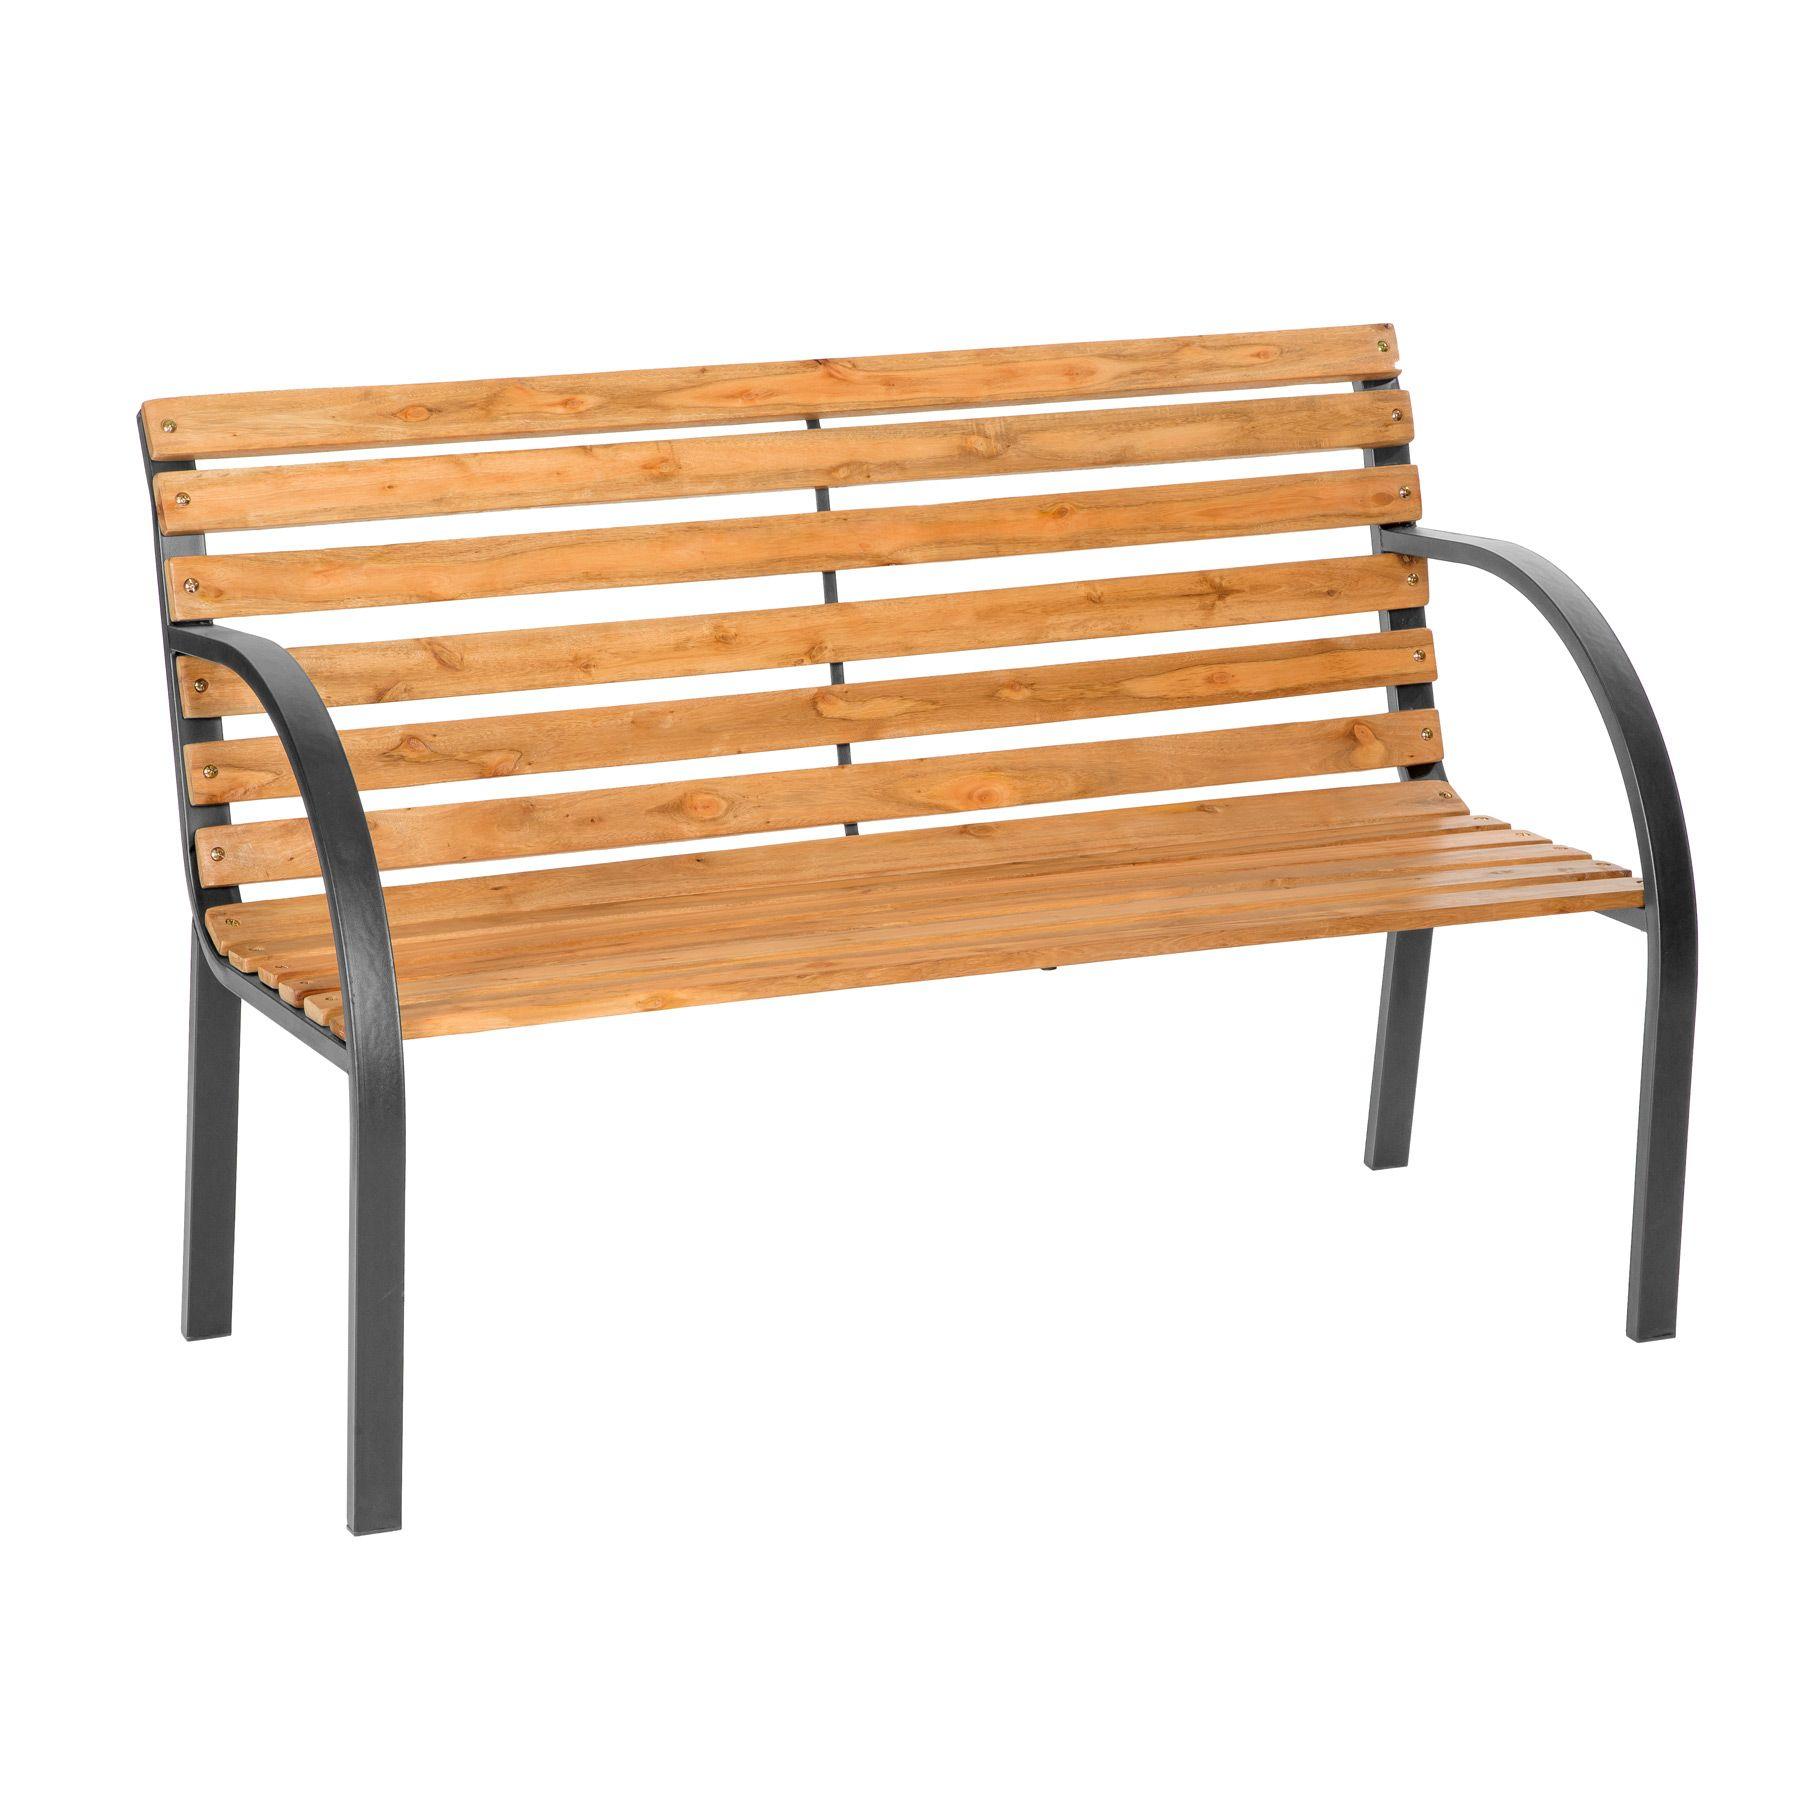 Banco de jardín para sentarse muebles abeto chino macizo metal | eBay